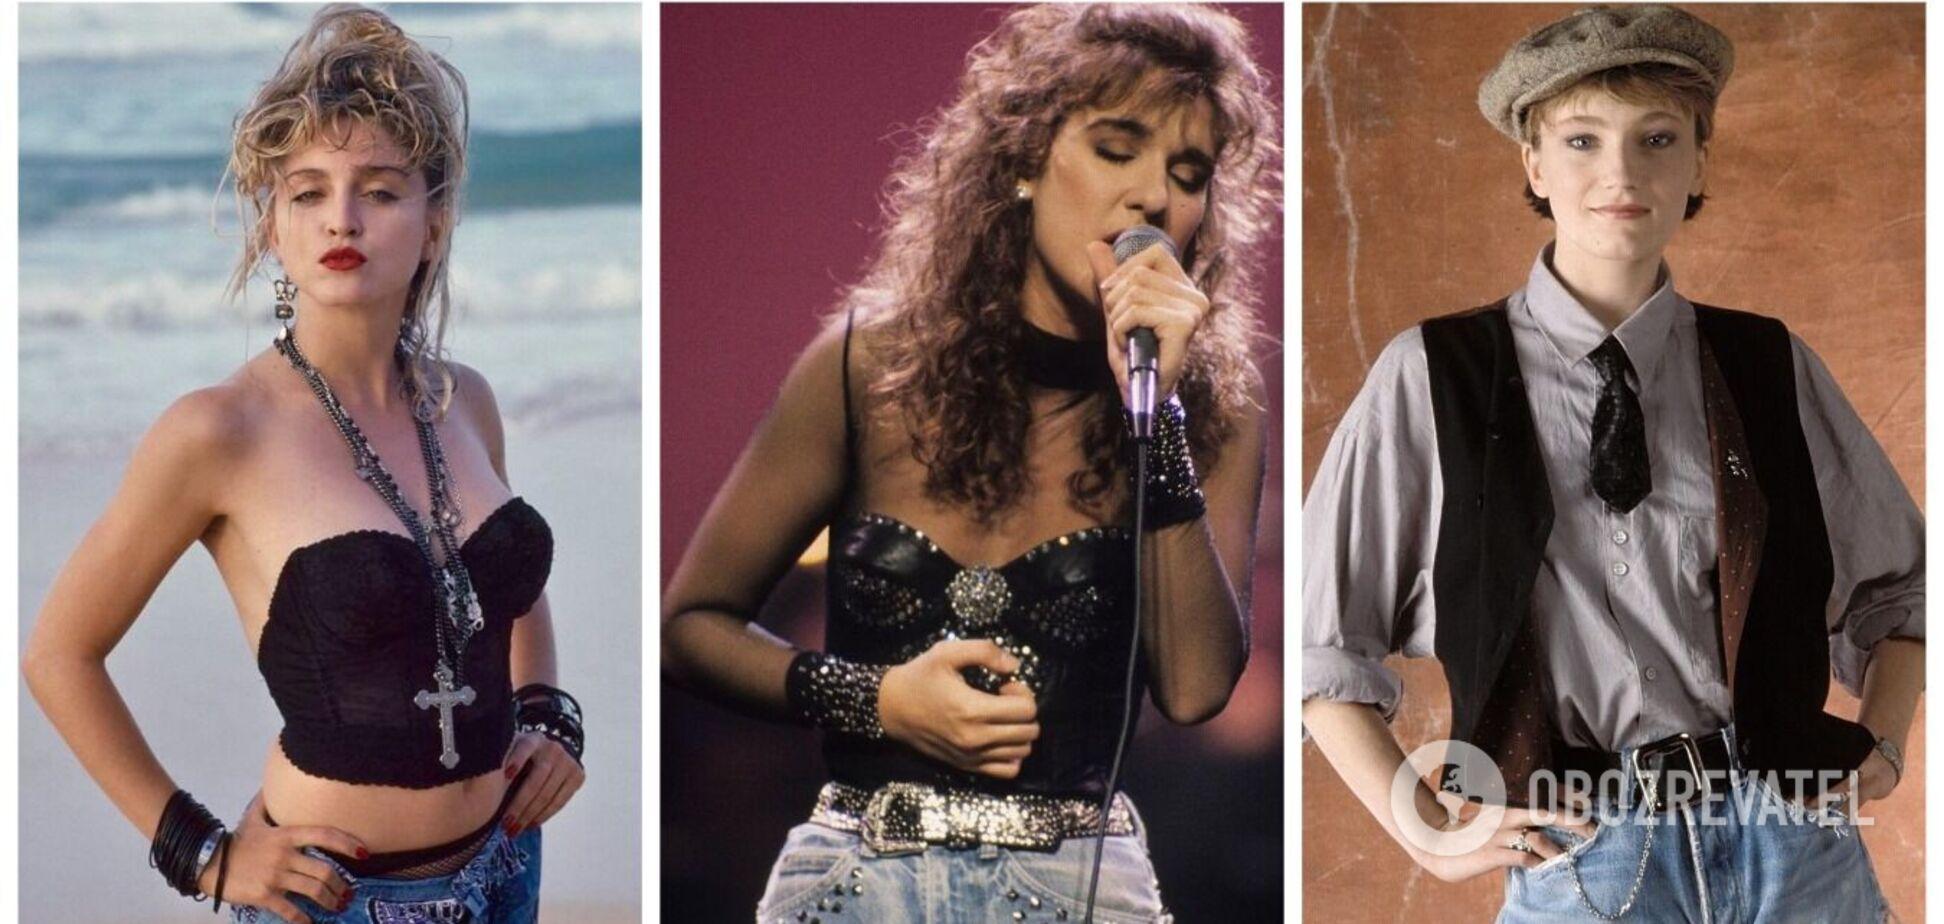 Як зараз виглядають Селін Діон, Мадонна та інші співачки 90-х років. Фото-порівняння